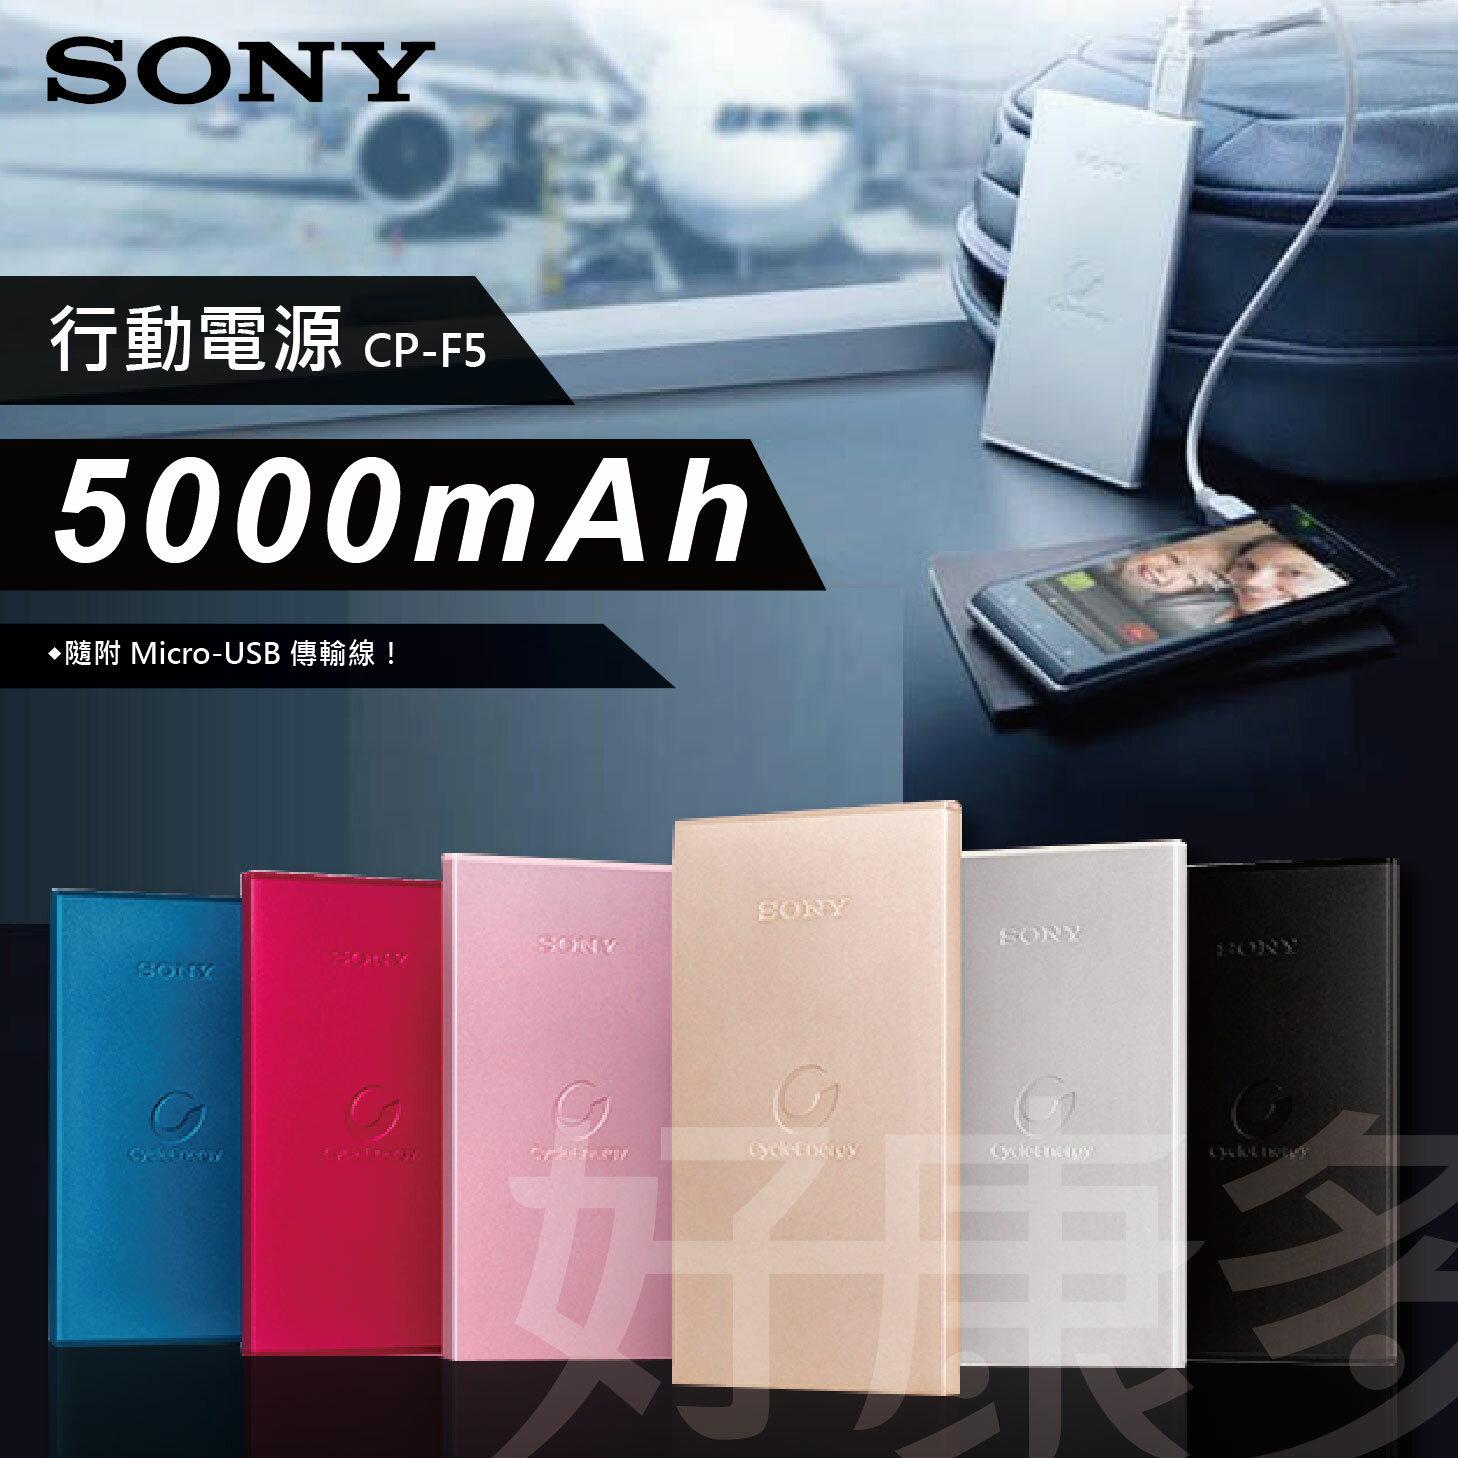 【福利新品】SONY 行動電源 (CP-F5) 5000mAh 原廠正品